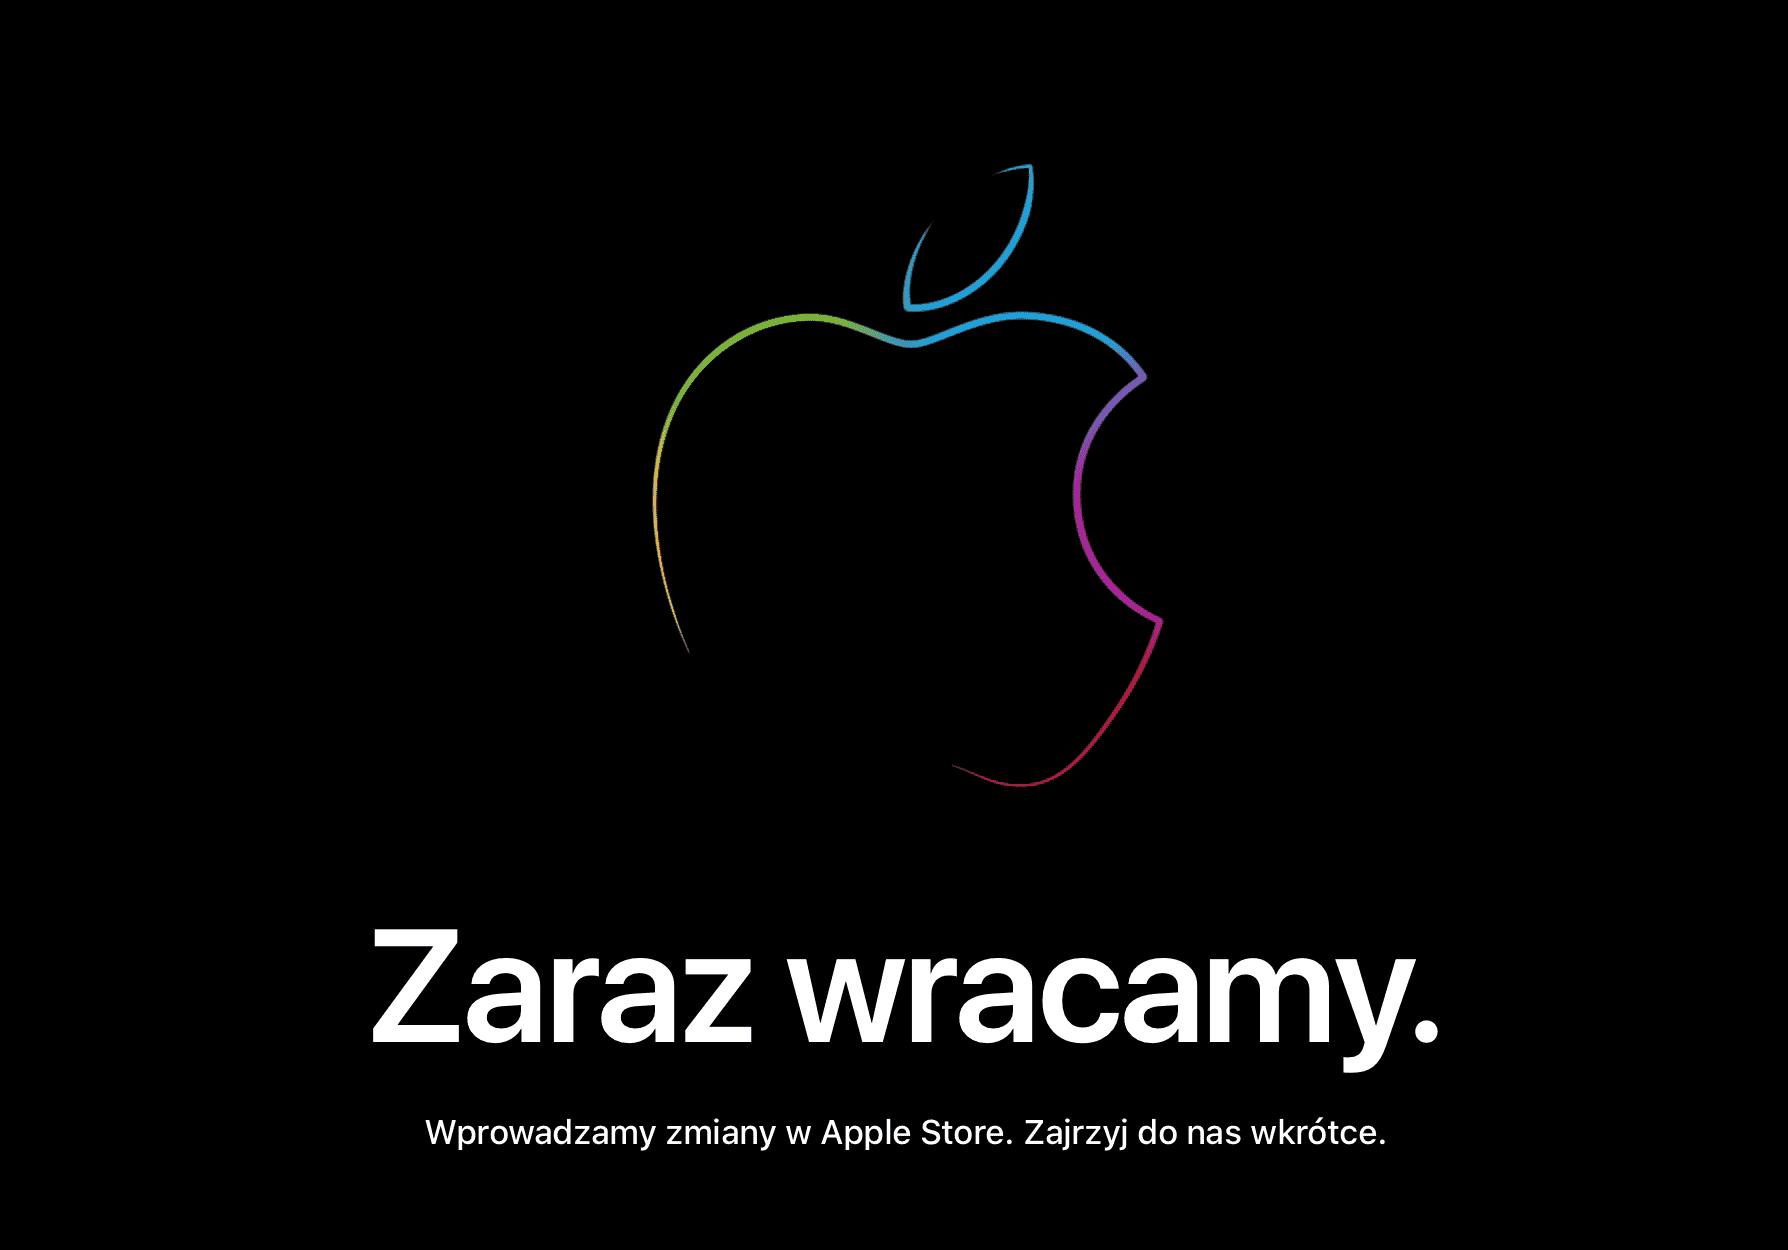 """Apple Store Online zamknięty - ruszyły przygotowania do dzisiejszej prezentacji """"Spring Loaded"""" polecane, ciekawostki Spring Loaded, Nie działa Apple Store Online, Apple Store Online, Apple, Aktualizacja  No i stało się. Od kilku minut dostęp do Apple Store Online nie jest możliwy, ponieważ twa aktualizacja sklepu. Co to oznacza? AppleStore"""